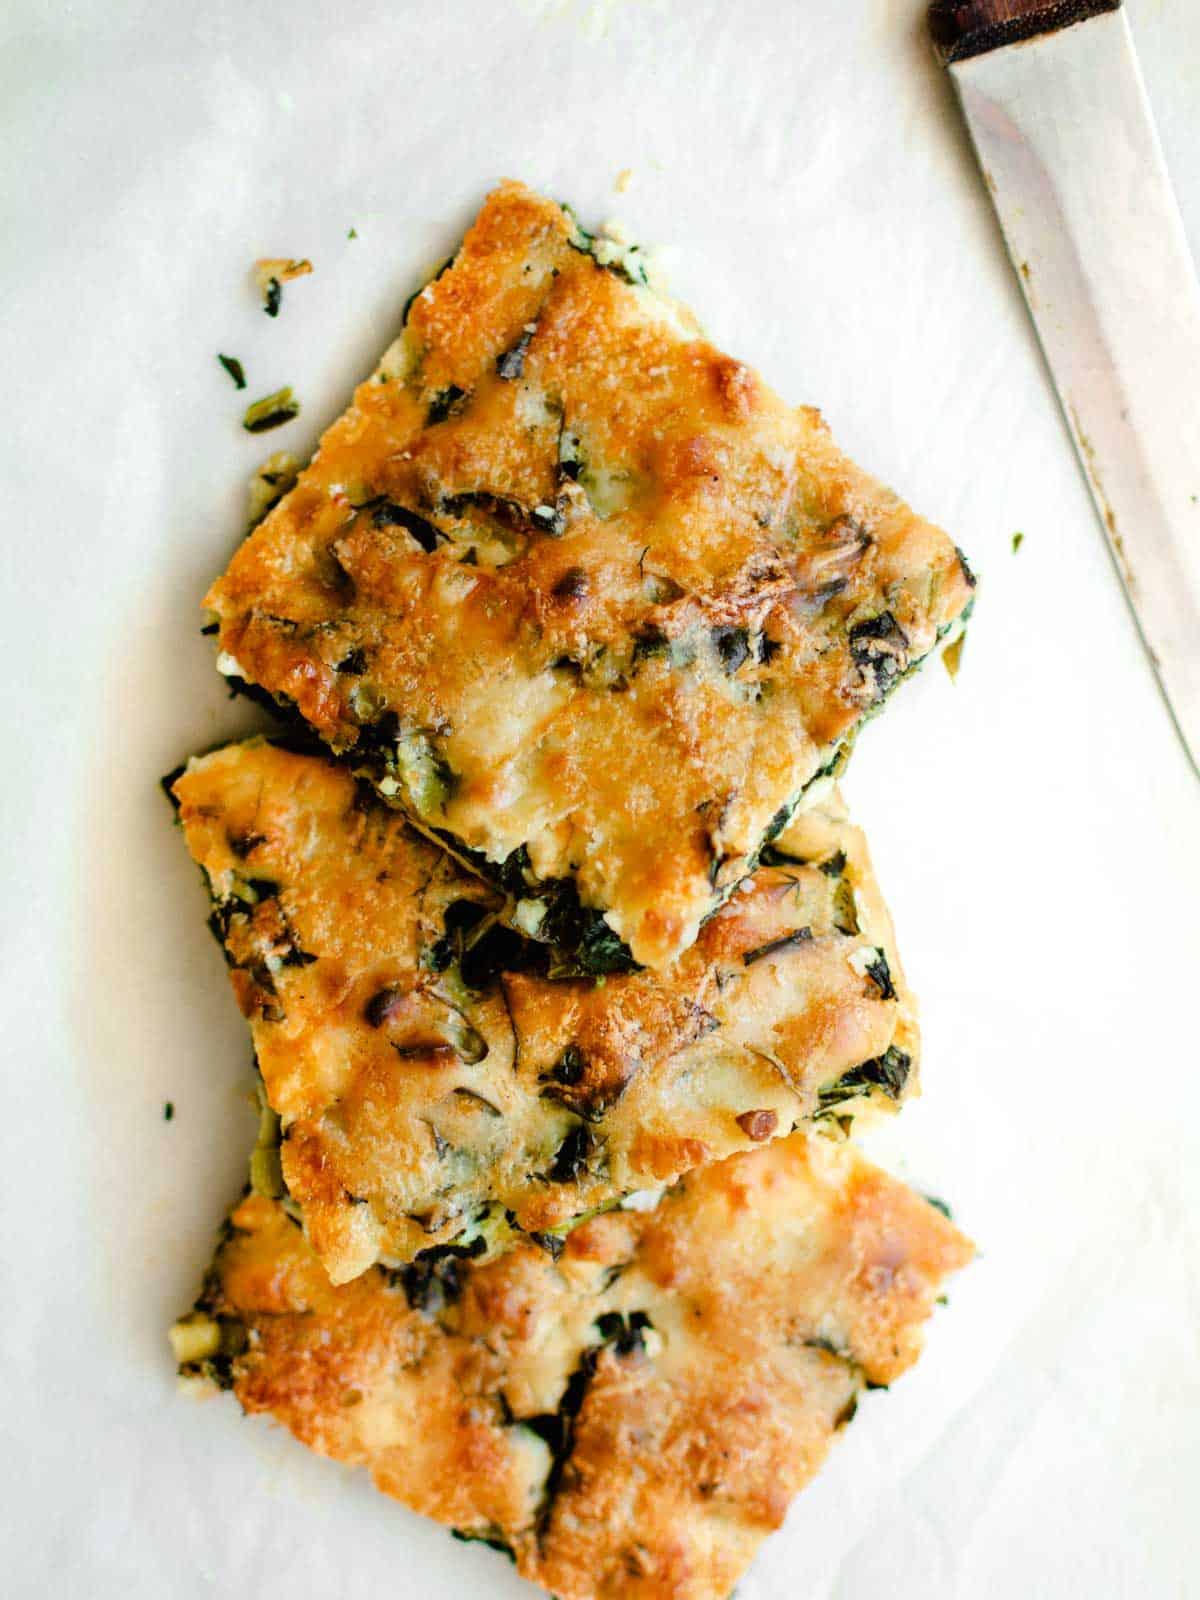 No Crust Spinach Pie